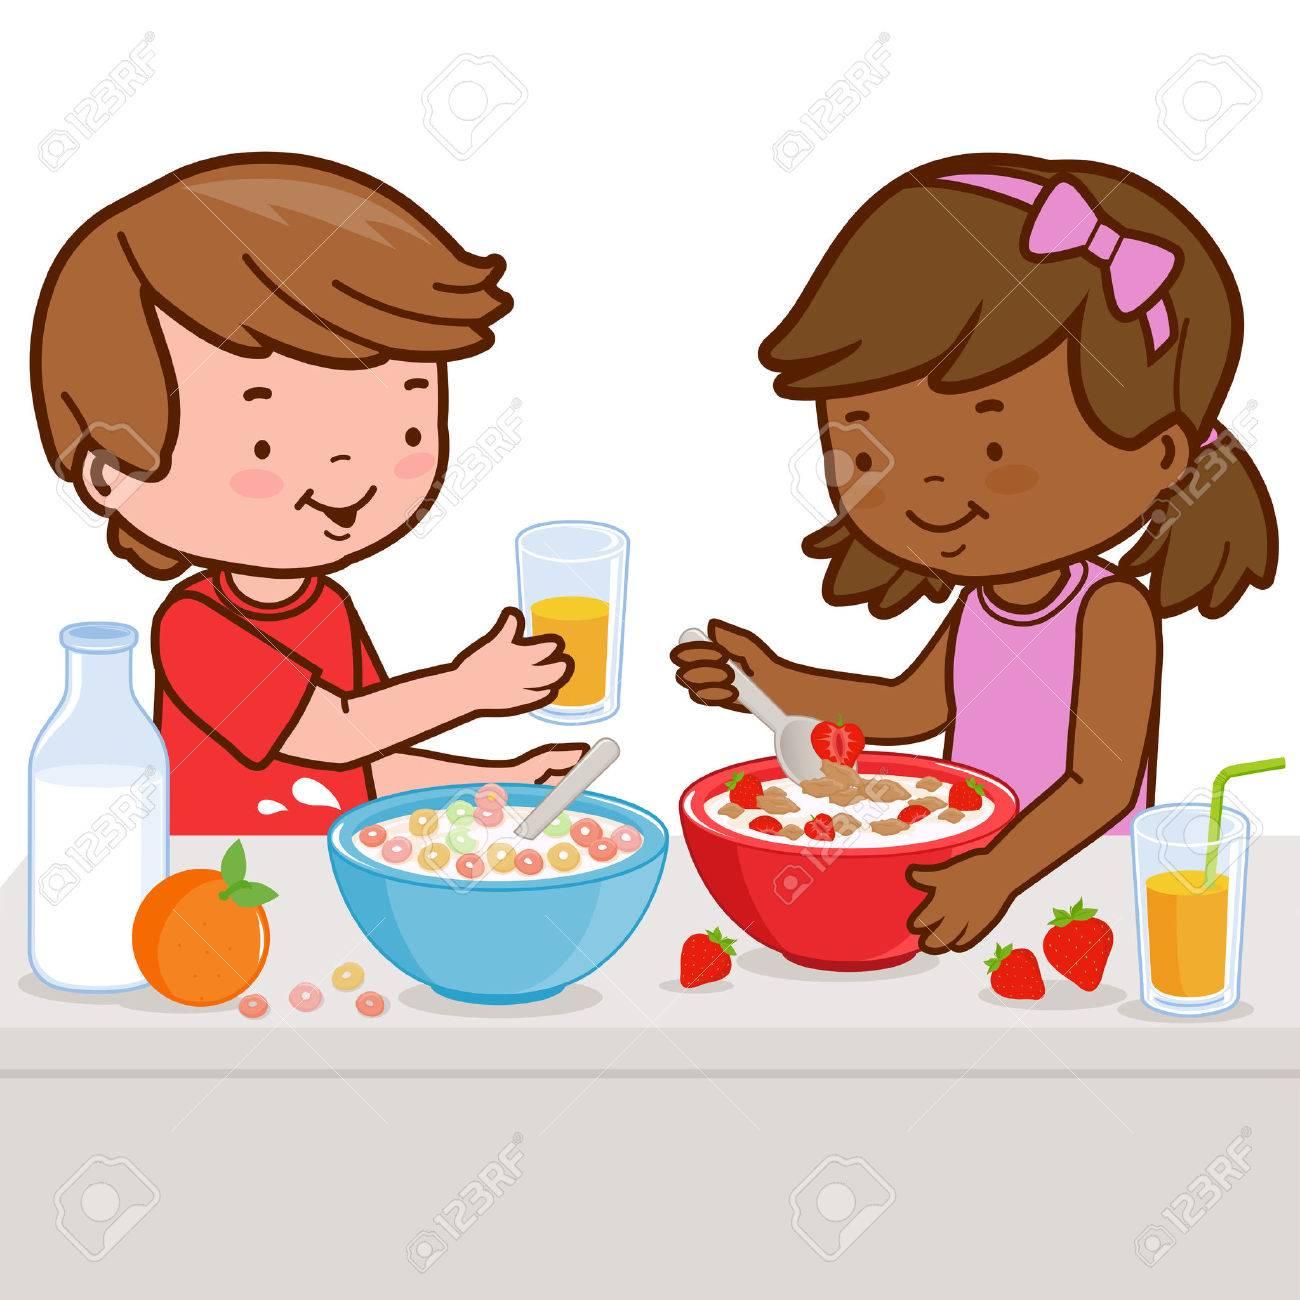 Children having breakfast - 55113358